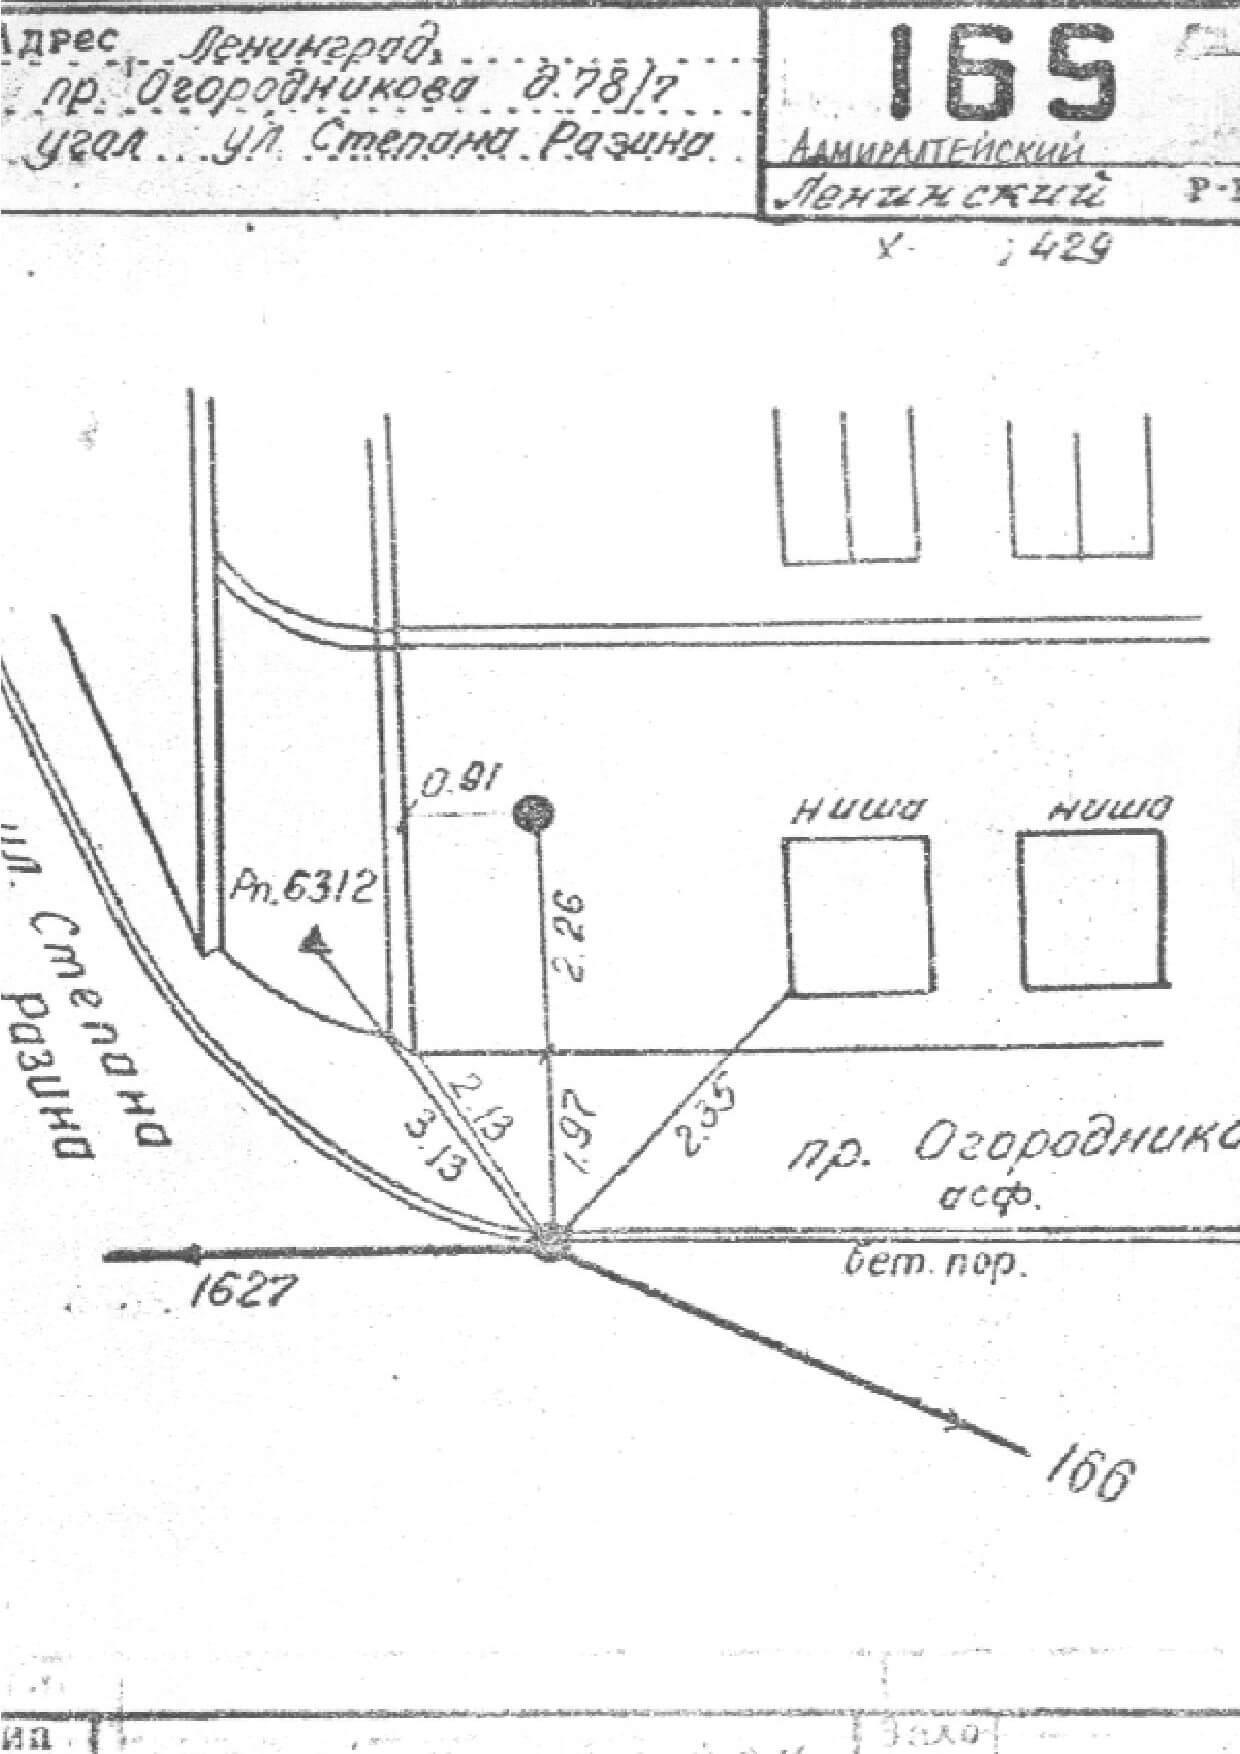 Геодезические работы опирающиеся на штанговые стенные пункты